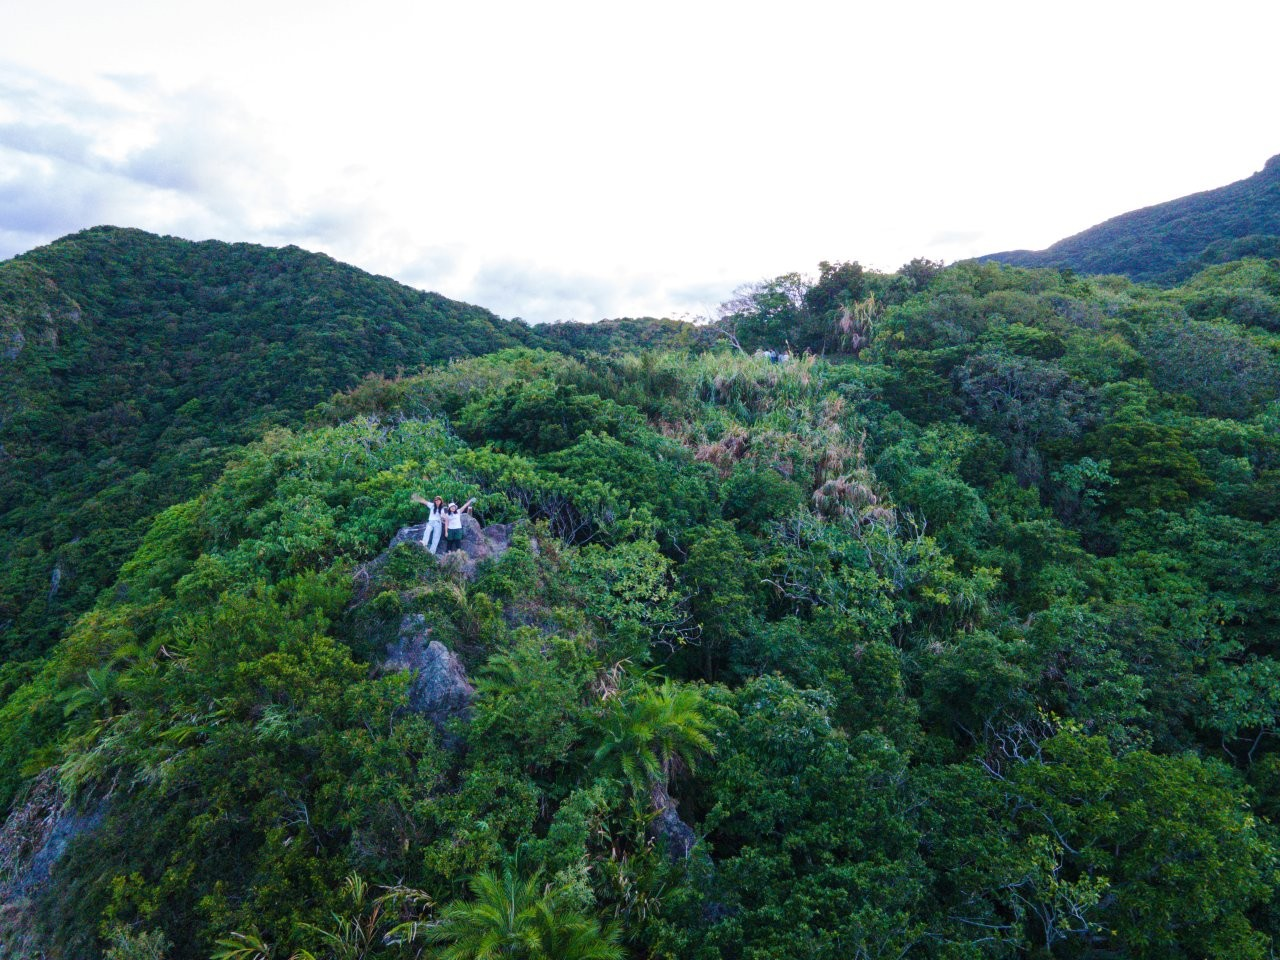 花蓮,閨蜜,太平洋的風,攀樹,找老鷹,地產地銷,最迷你部落